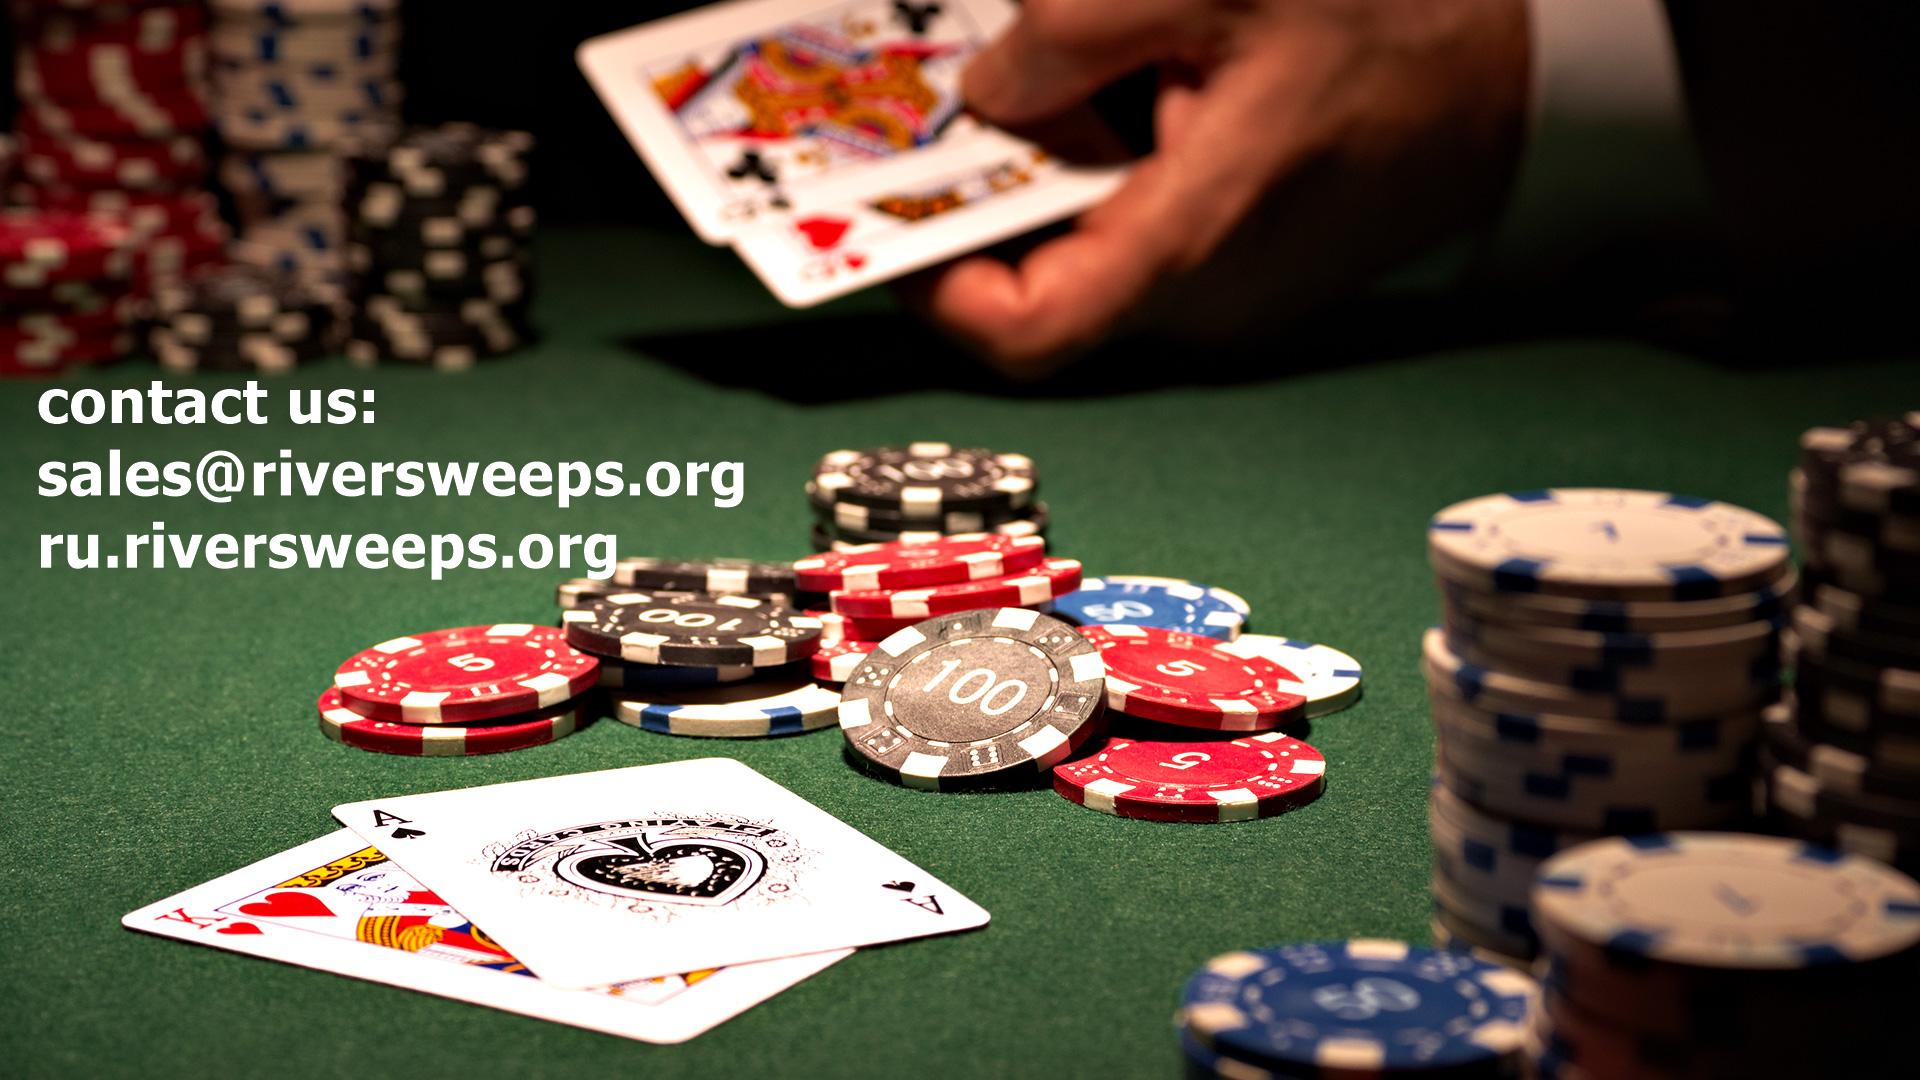 Покер онлайн бесплатно на реальные деньги скачать бесплатно звуки казино